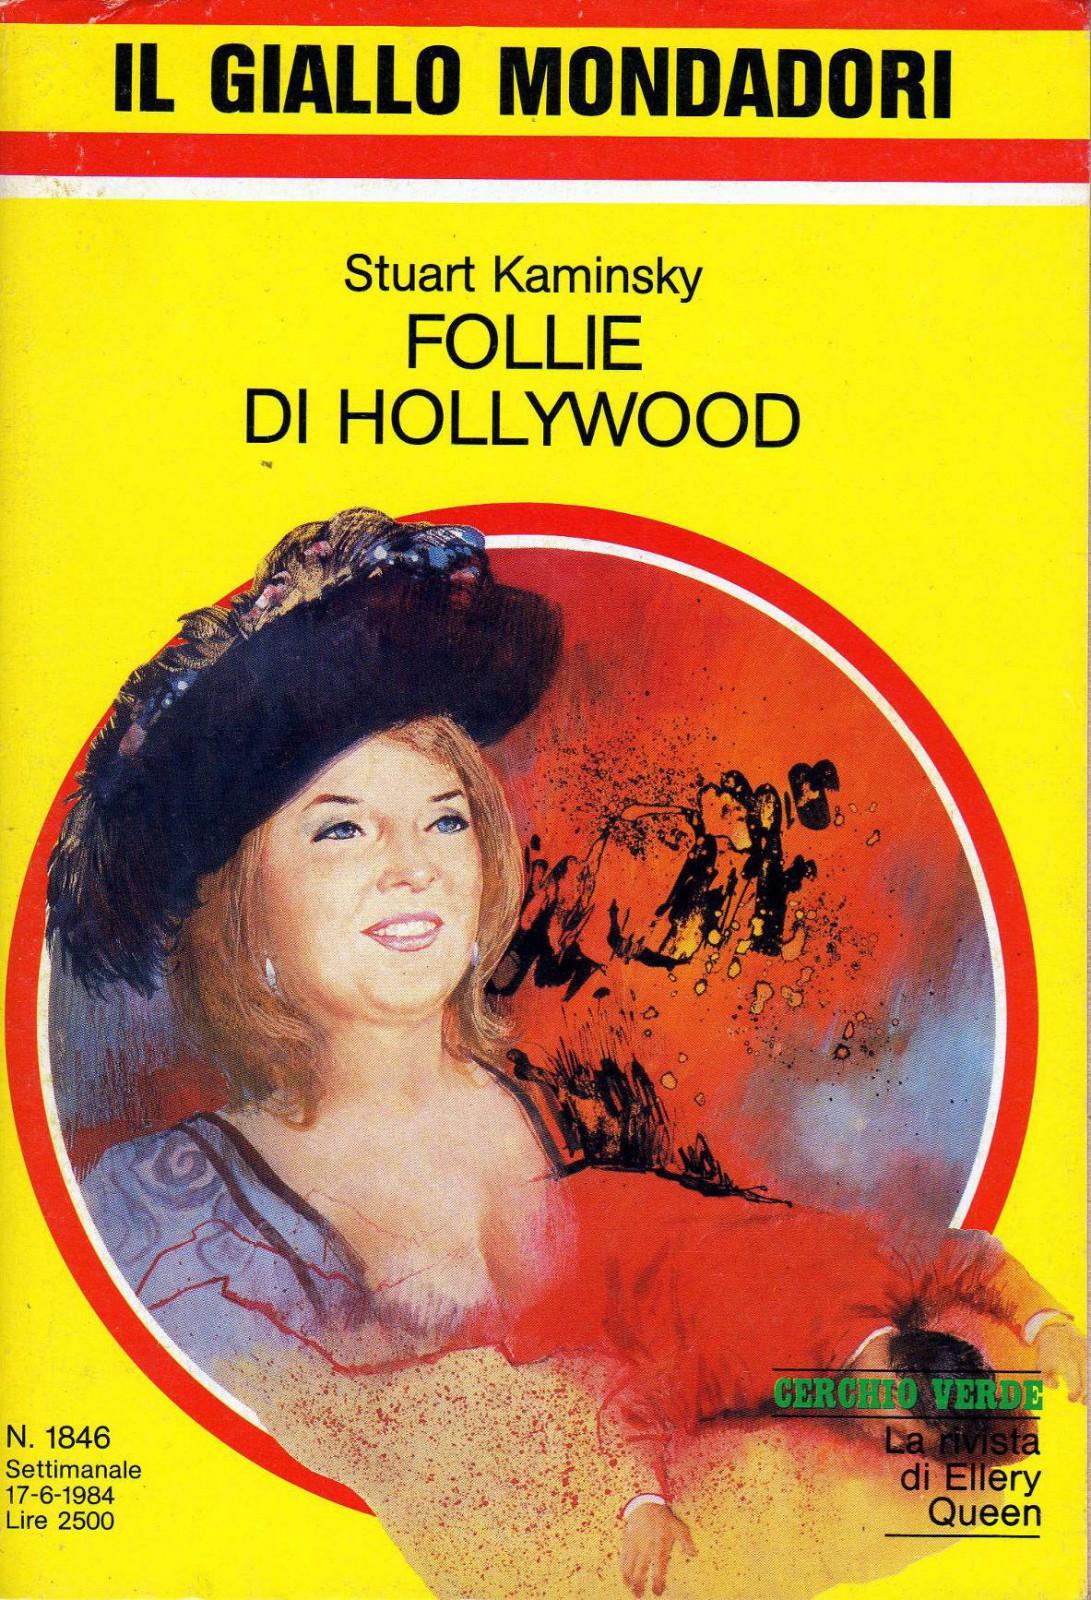 Stuart Kaminsky - Follie di Hollywood (1984)